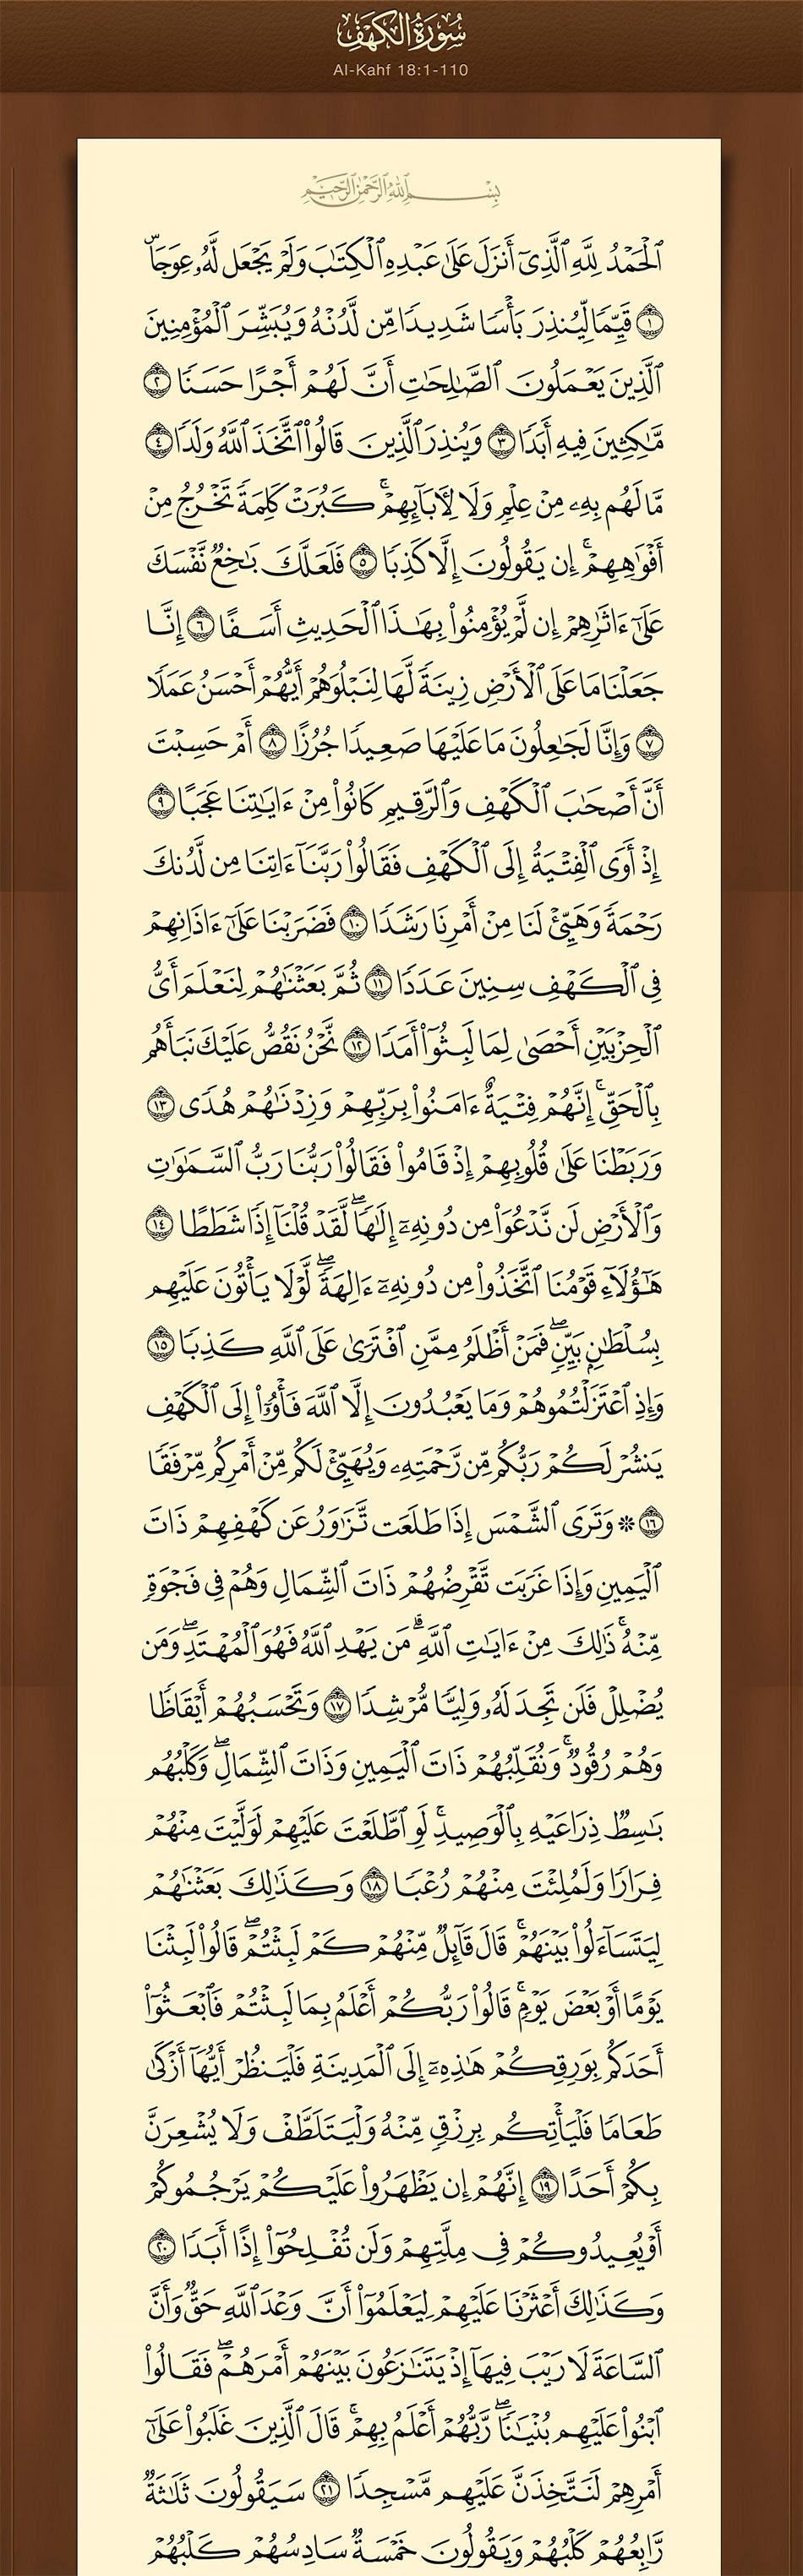 قرأ سورة سورة الكهف كاملة في صفحة واحدة Musiqaa Blog